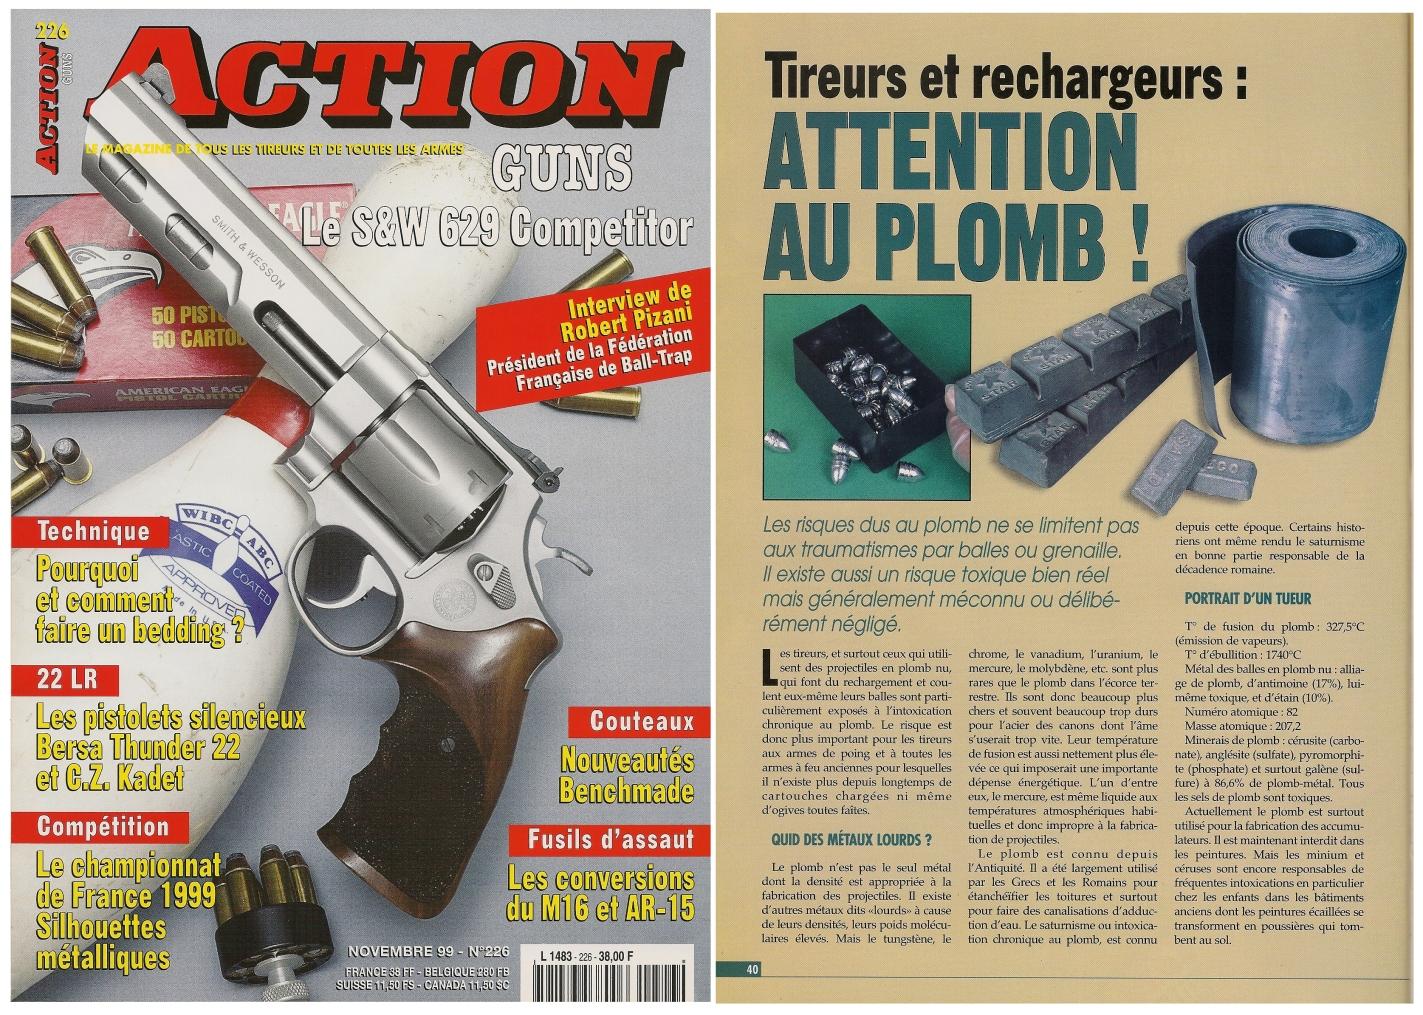 Cet article sur les risques d'intoxication, écrit par le Dr Pierre Corson, a été publié sur 4 pages dans le magazine Action Guns n° 226 (novembre 1999).